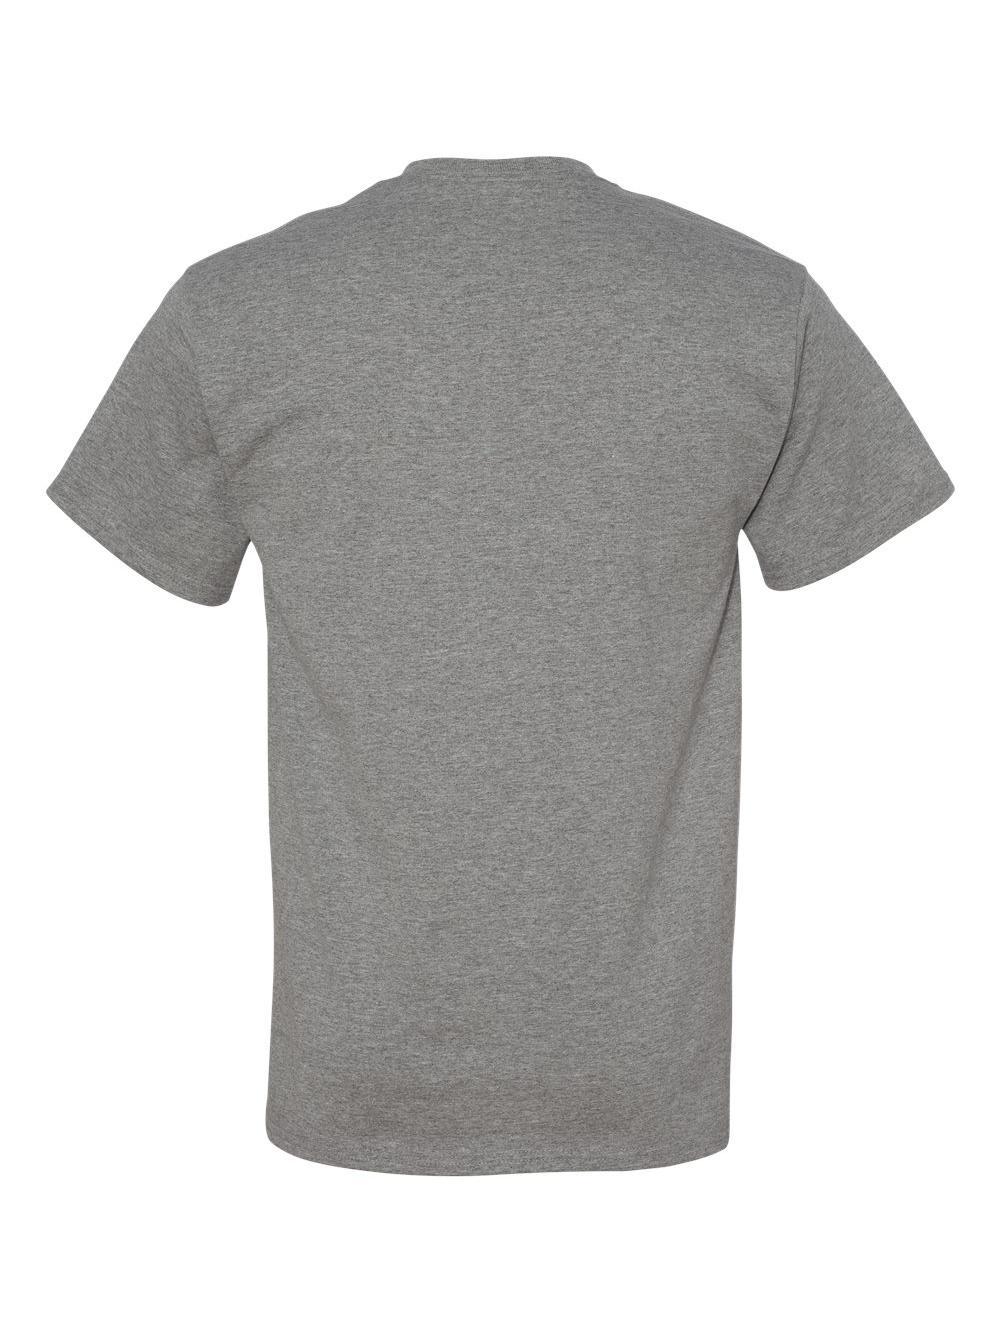 Jerzees-Dri-Power-Tall-50-50-T-Shirt-29MT thumbnail 13